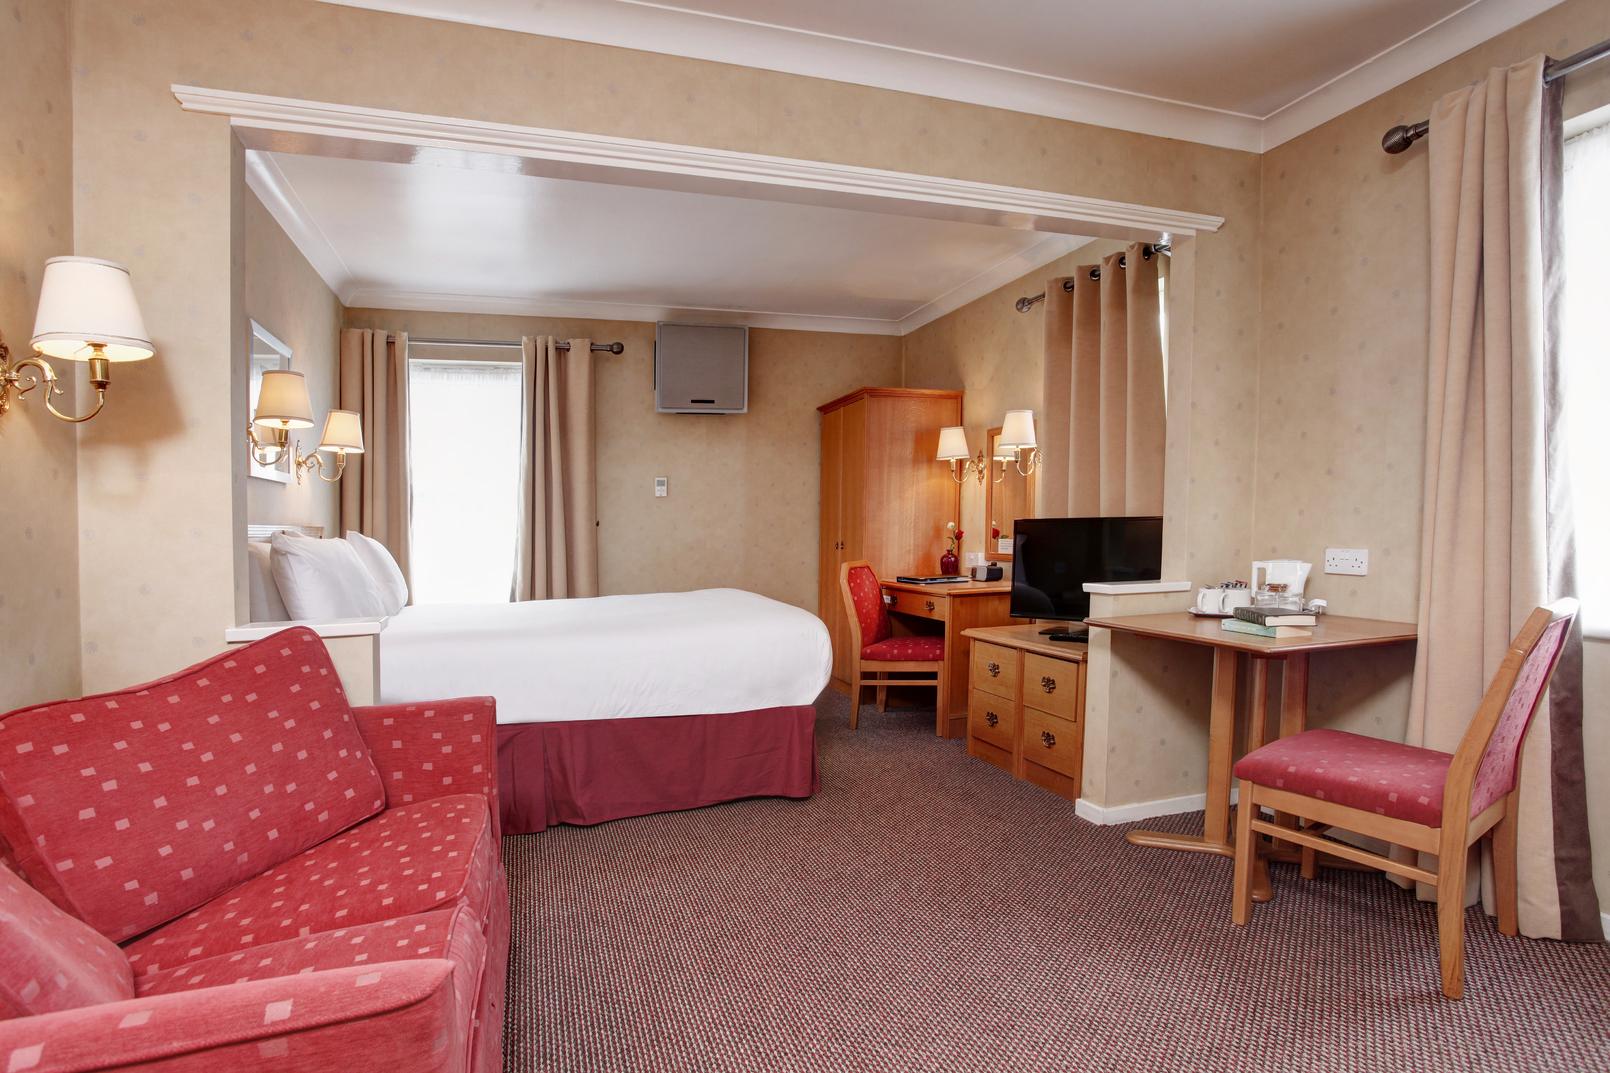 Garden court hotel bedrooms 18 83991